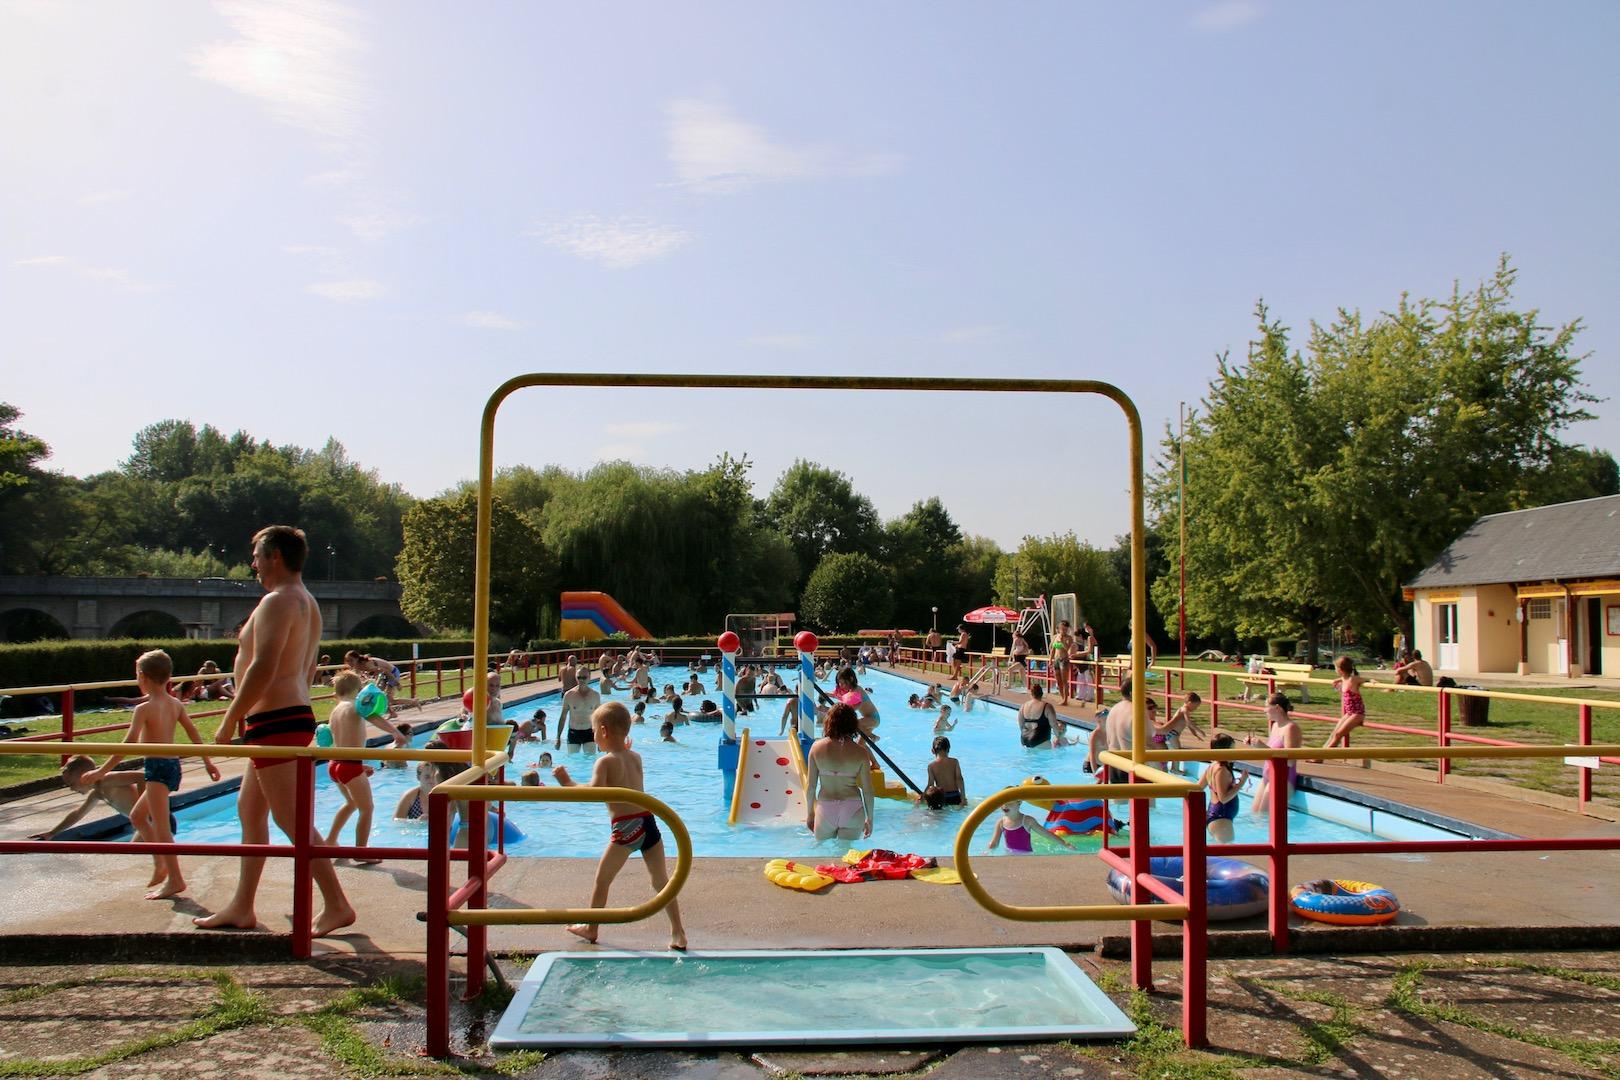 Base de plein air et de loisirs de Marboué - Base de plein air et de loisirs de Marboué